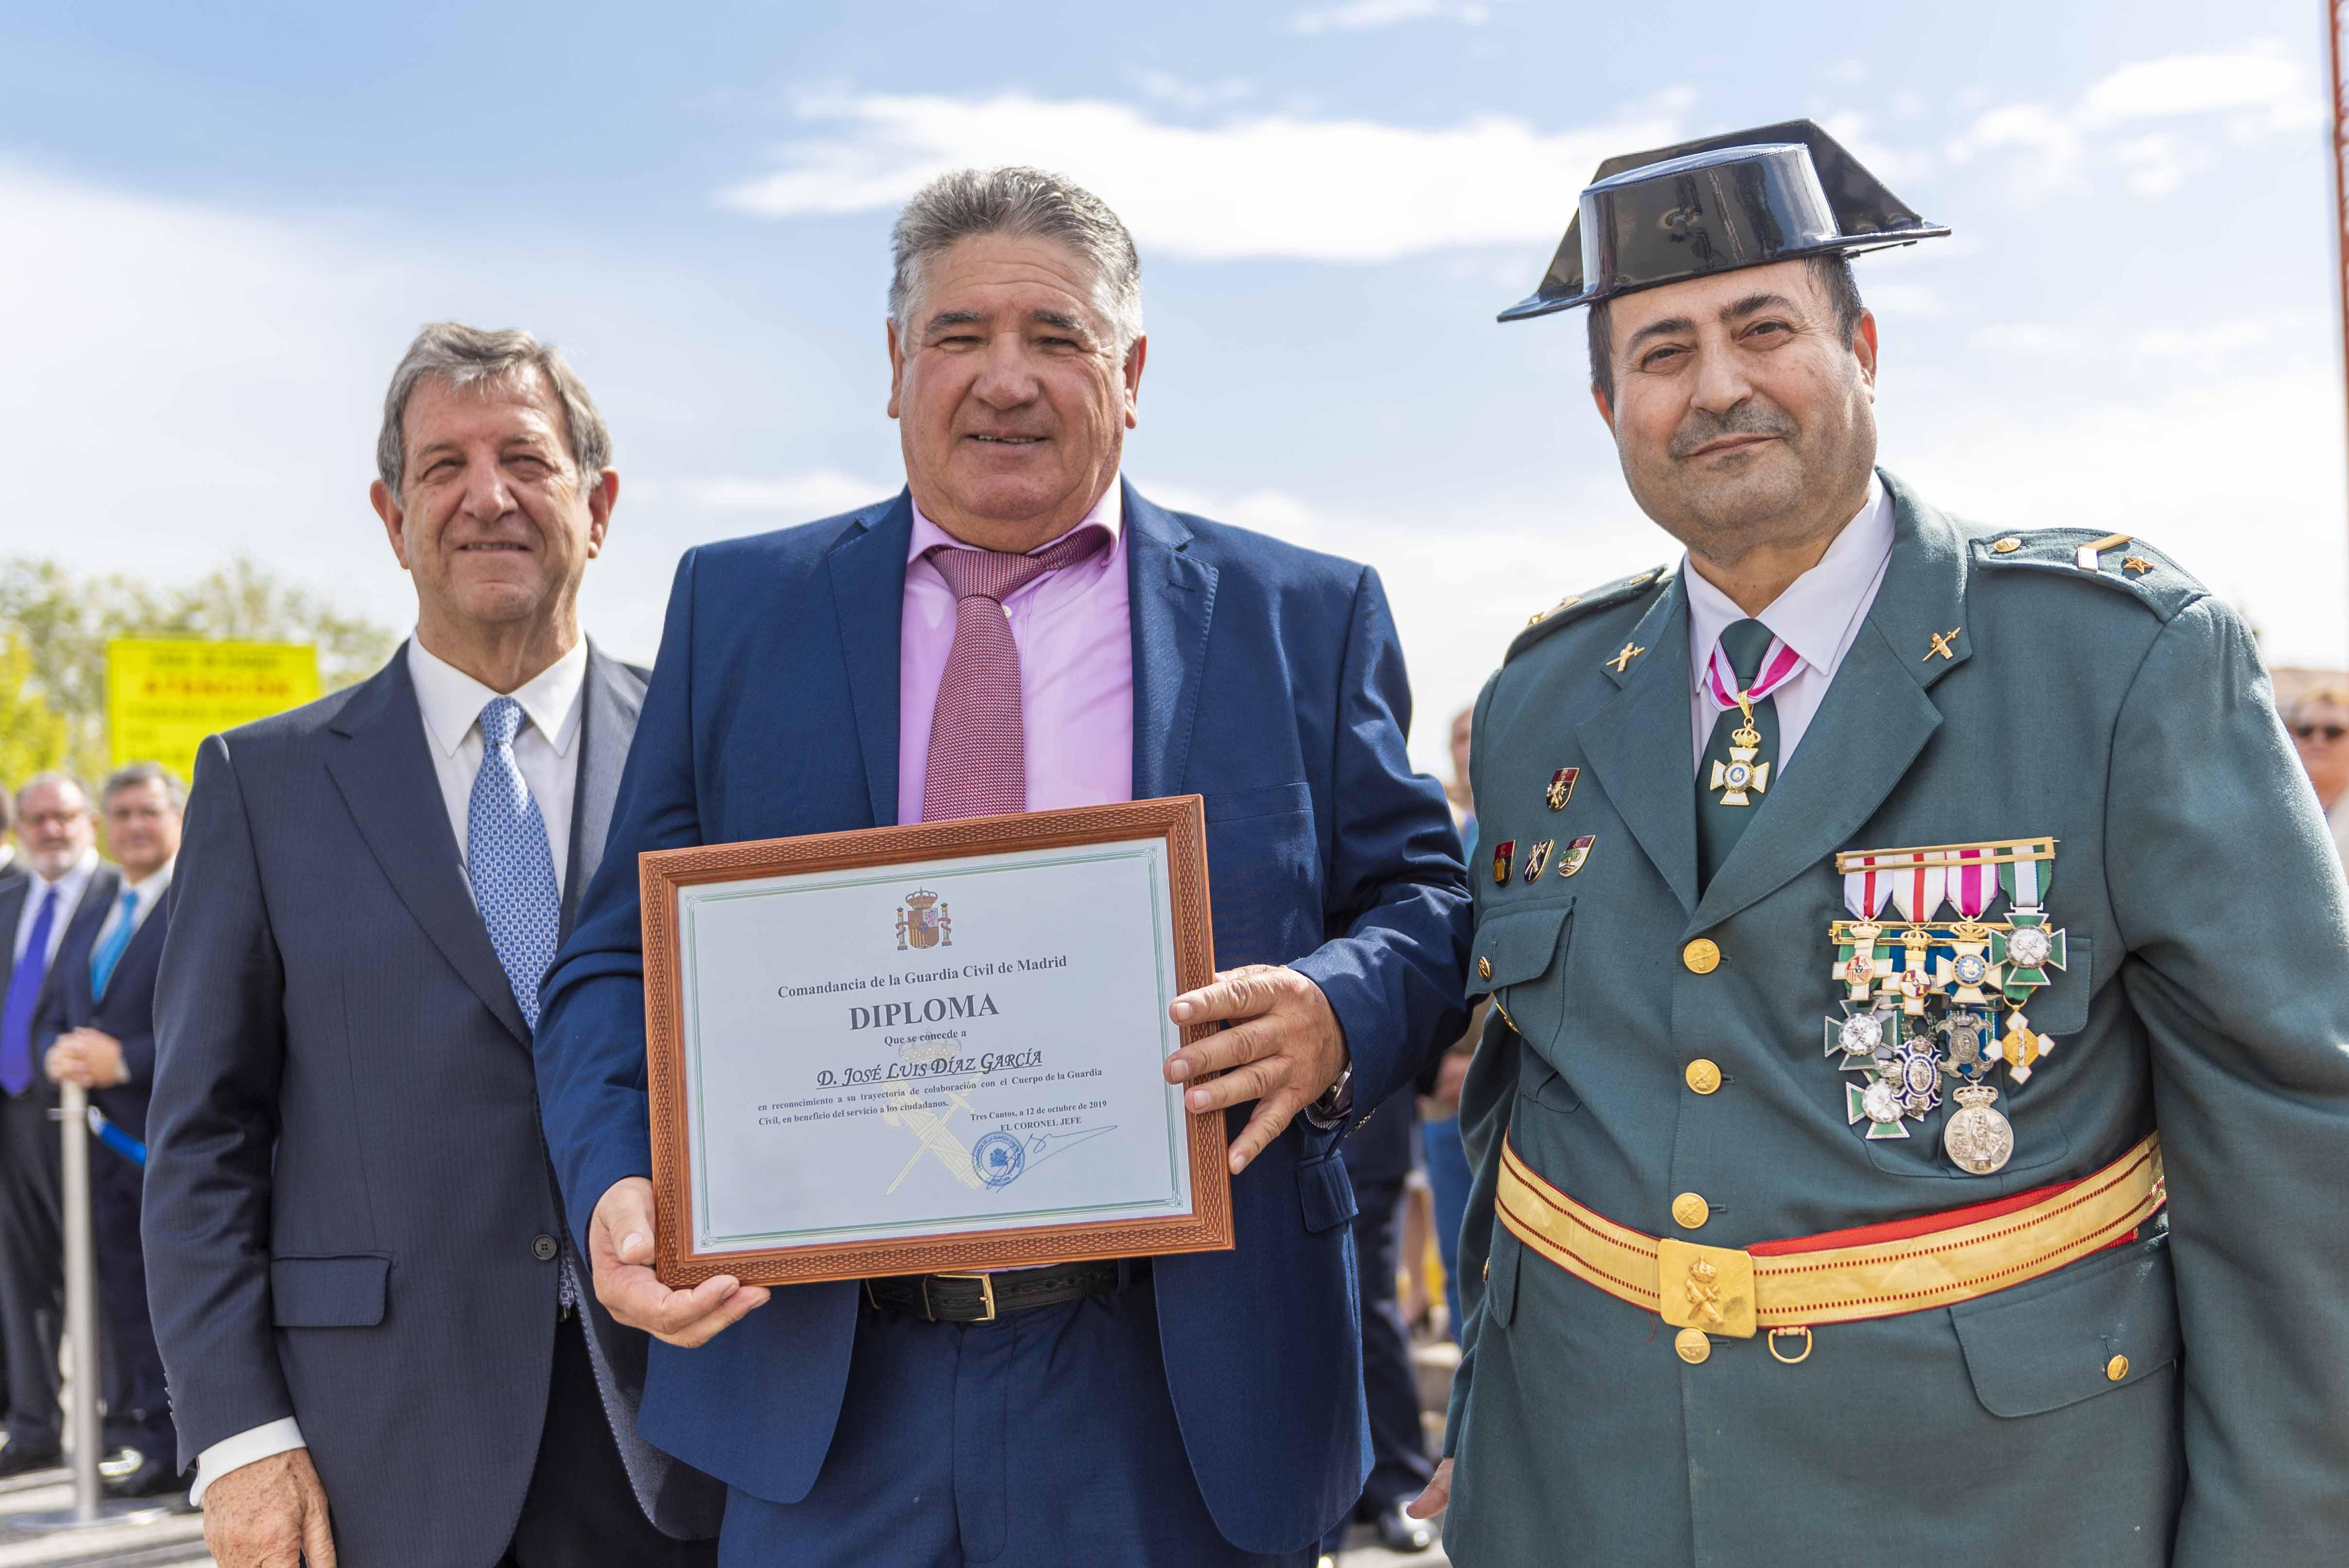 El responsable del Área de Mantenimiento recibió un diploma